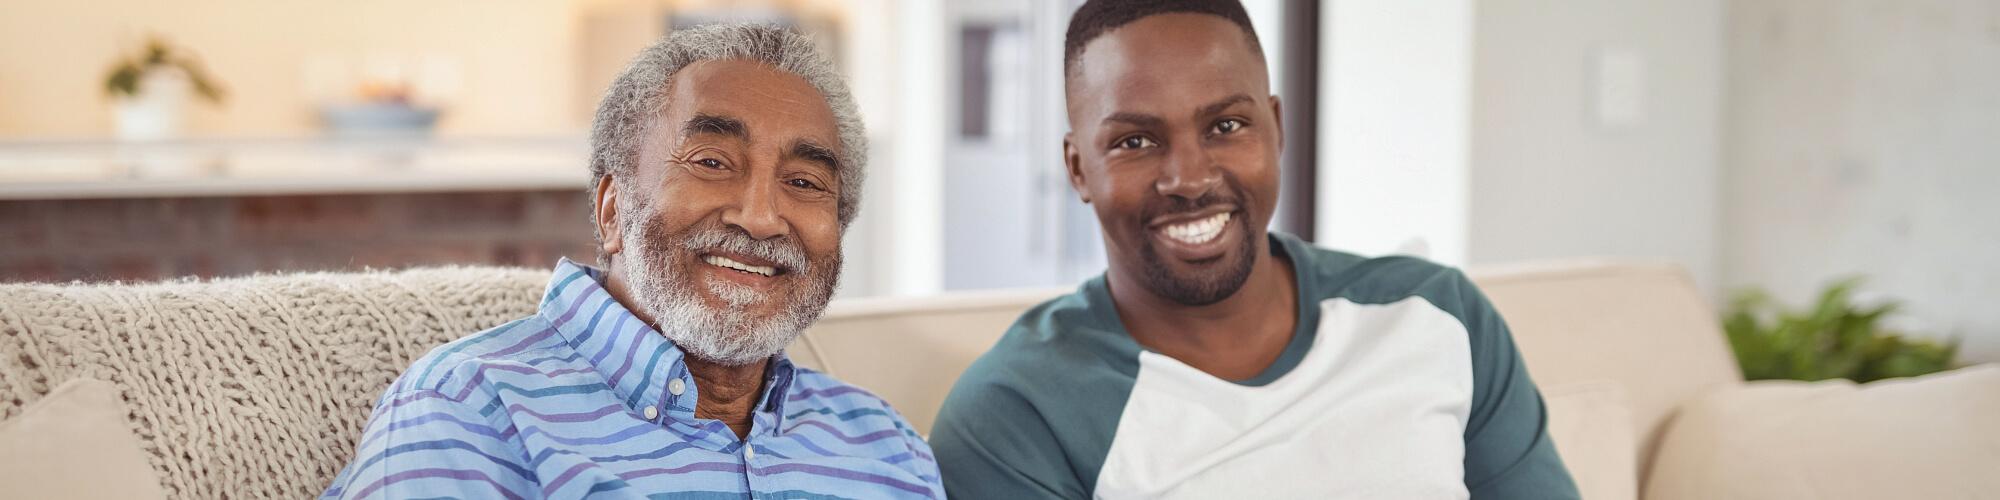 caregiver and senior man smiliing